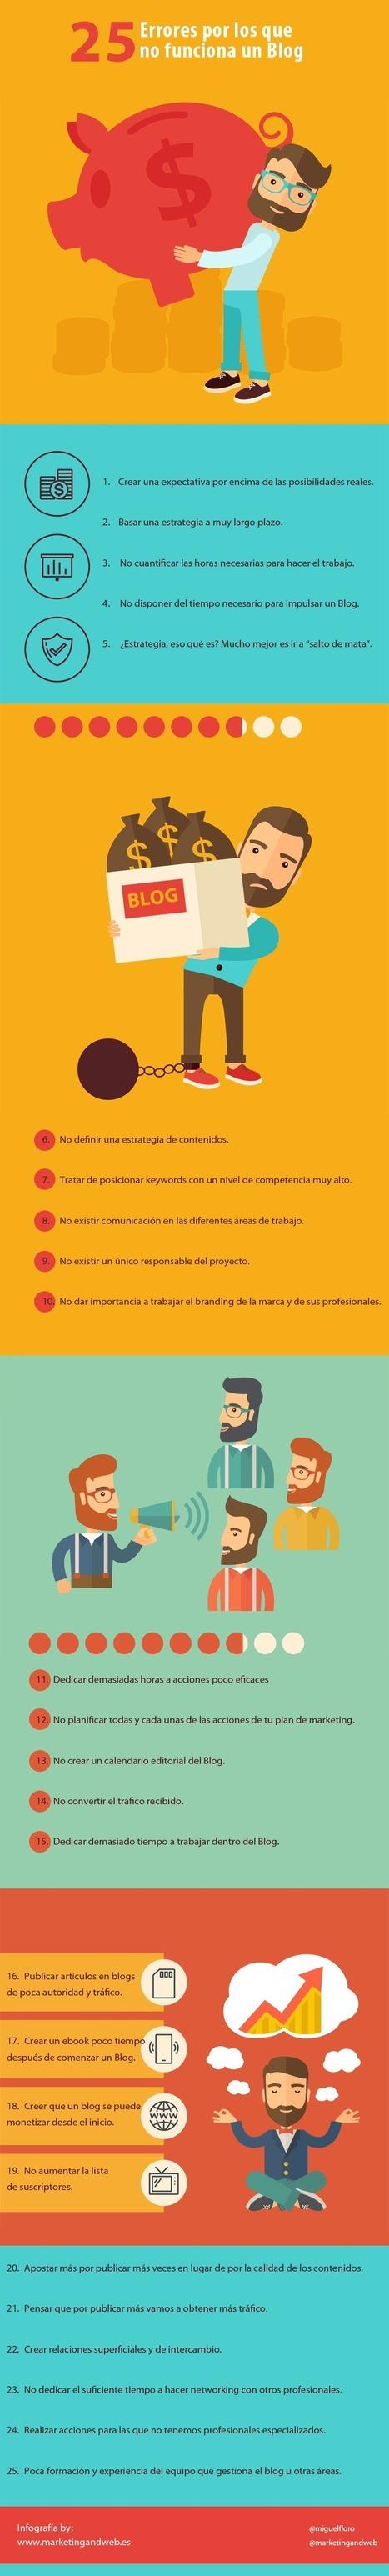 25 errores por los que no funciona un Blog #infografia #infographic #socialmedia | Educacion, ecologia y TIC | Scoop.it